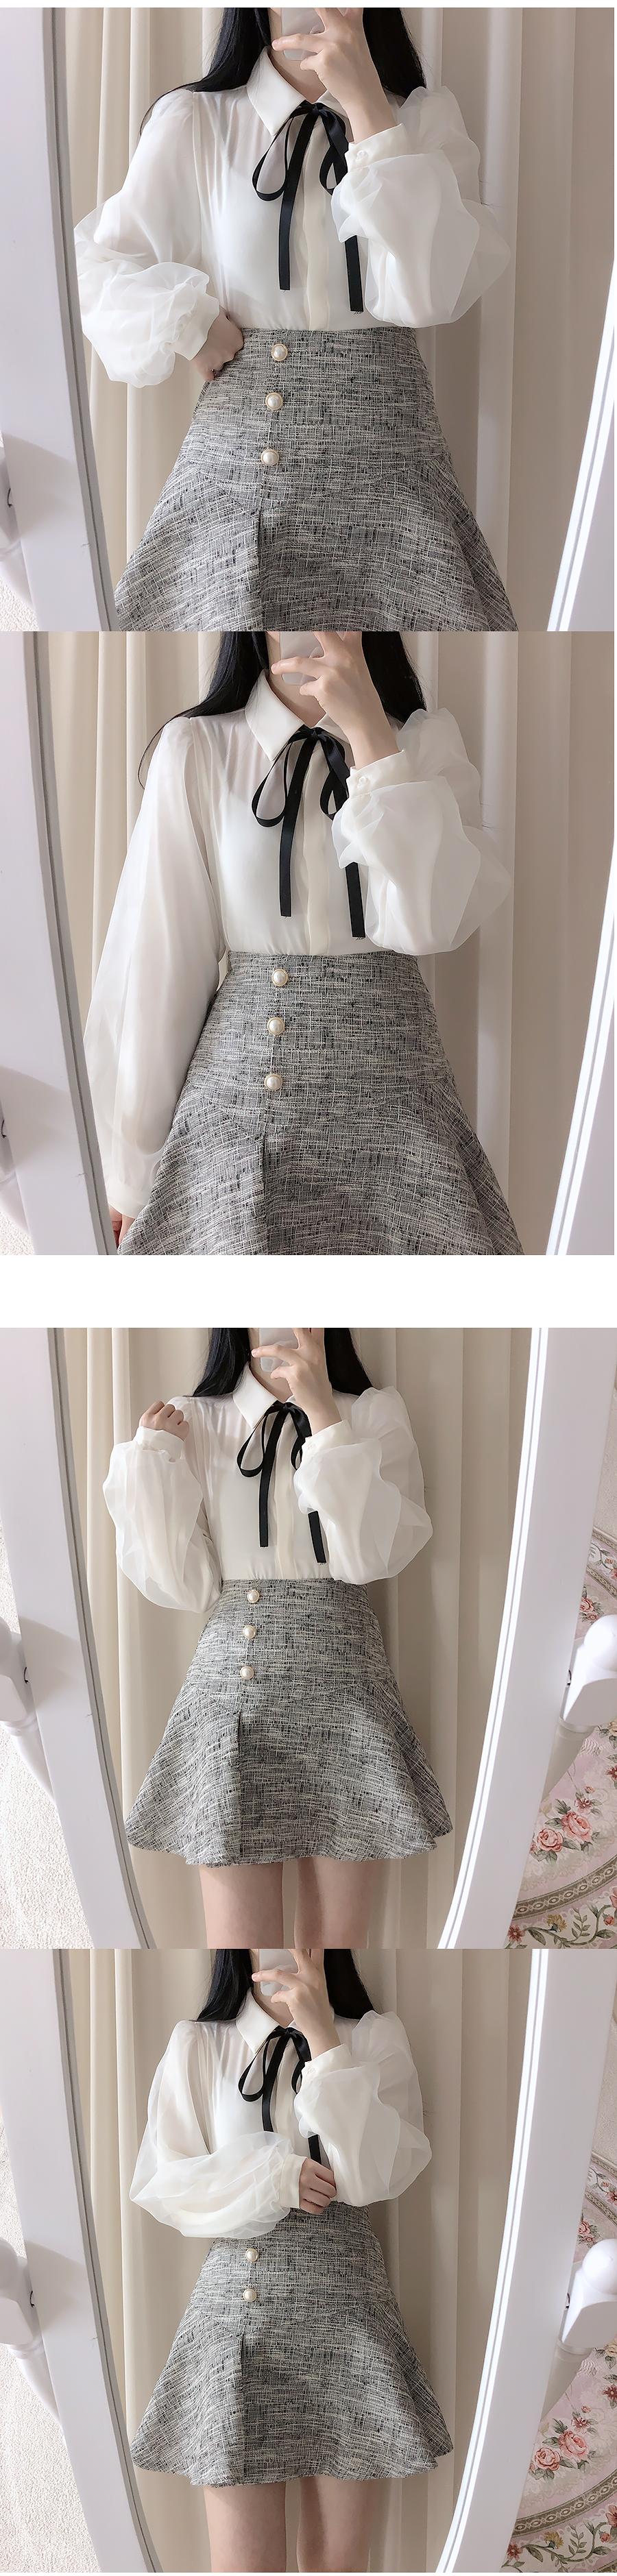 Bunny tweed pearl skirt